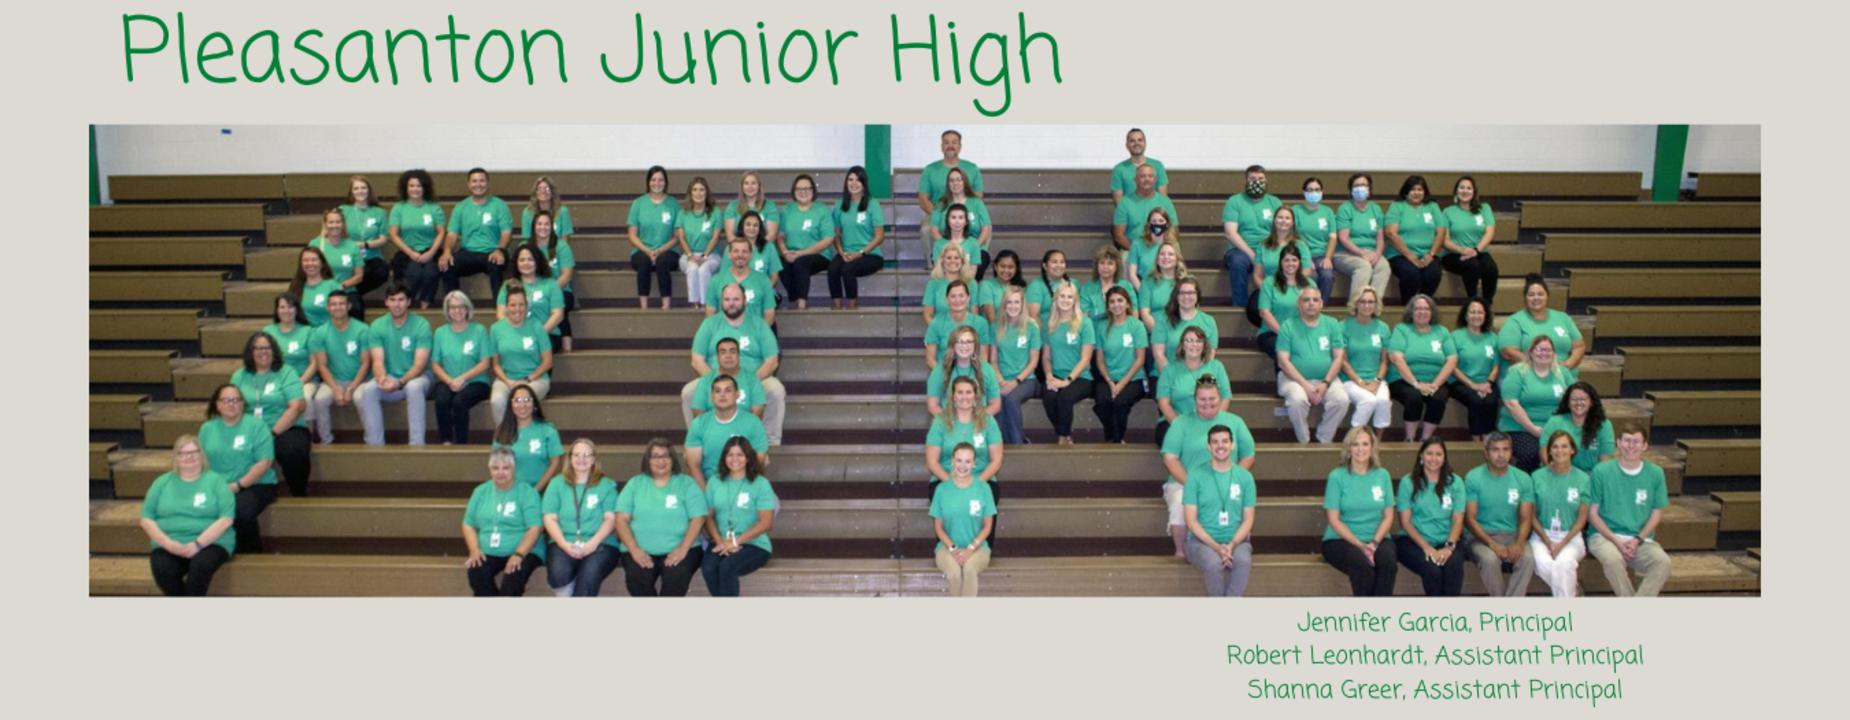 Pleasanton Junior High